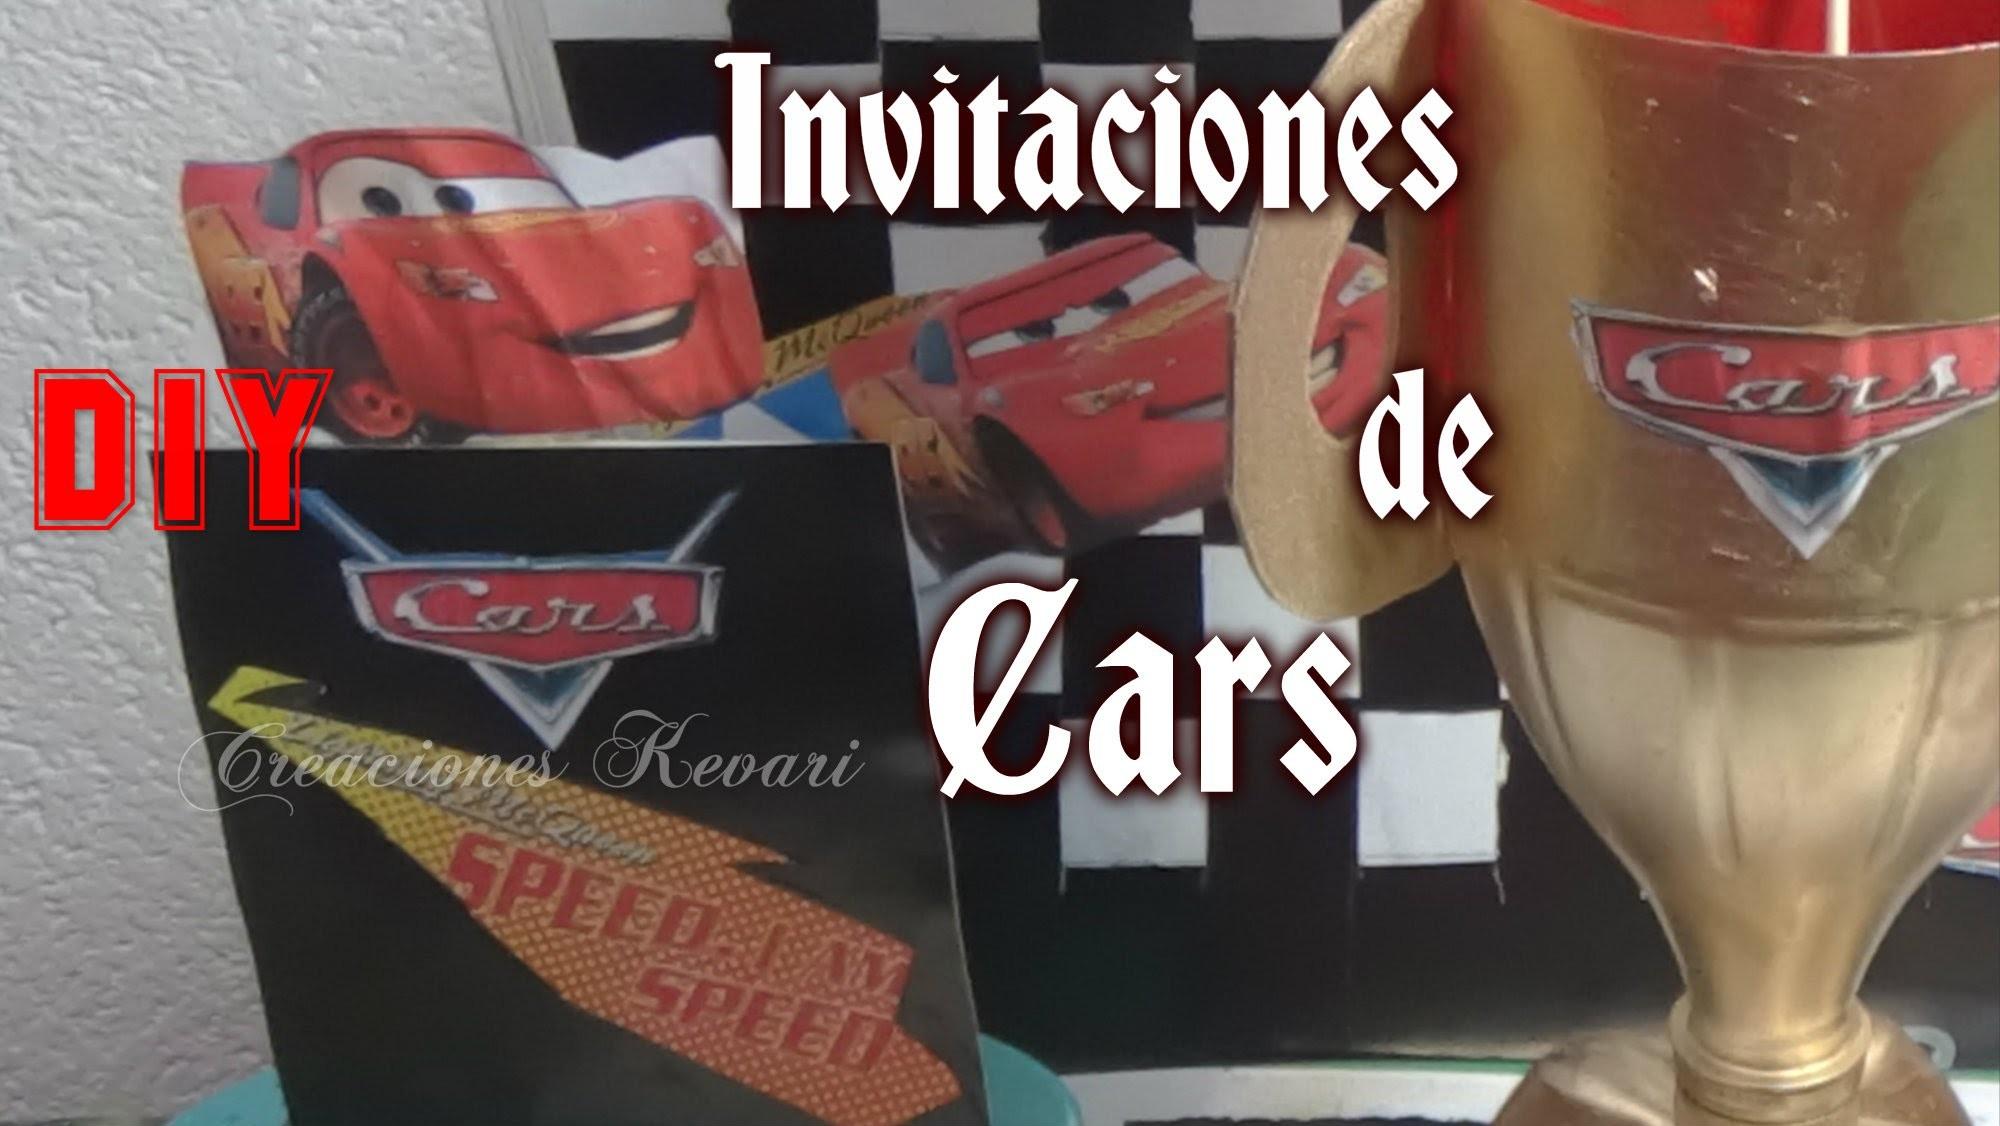 Invitaciones de Cars DIY Faciles. Cars Birthday Invitations